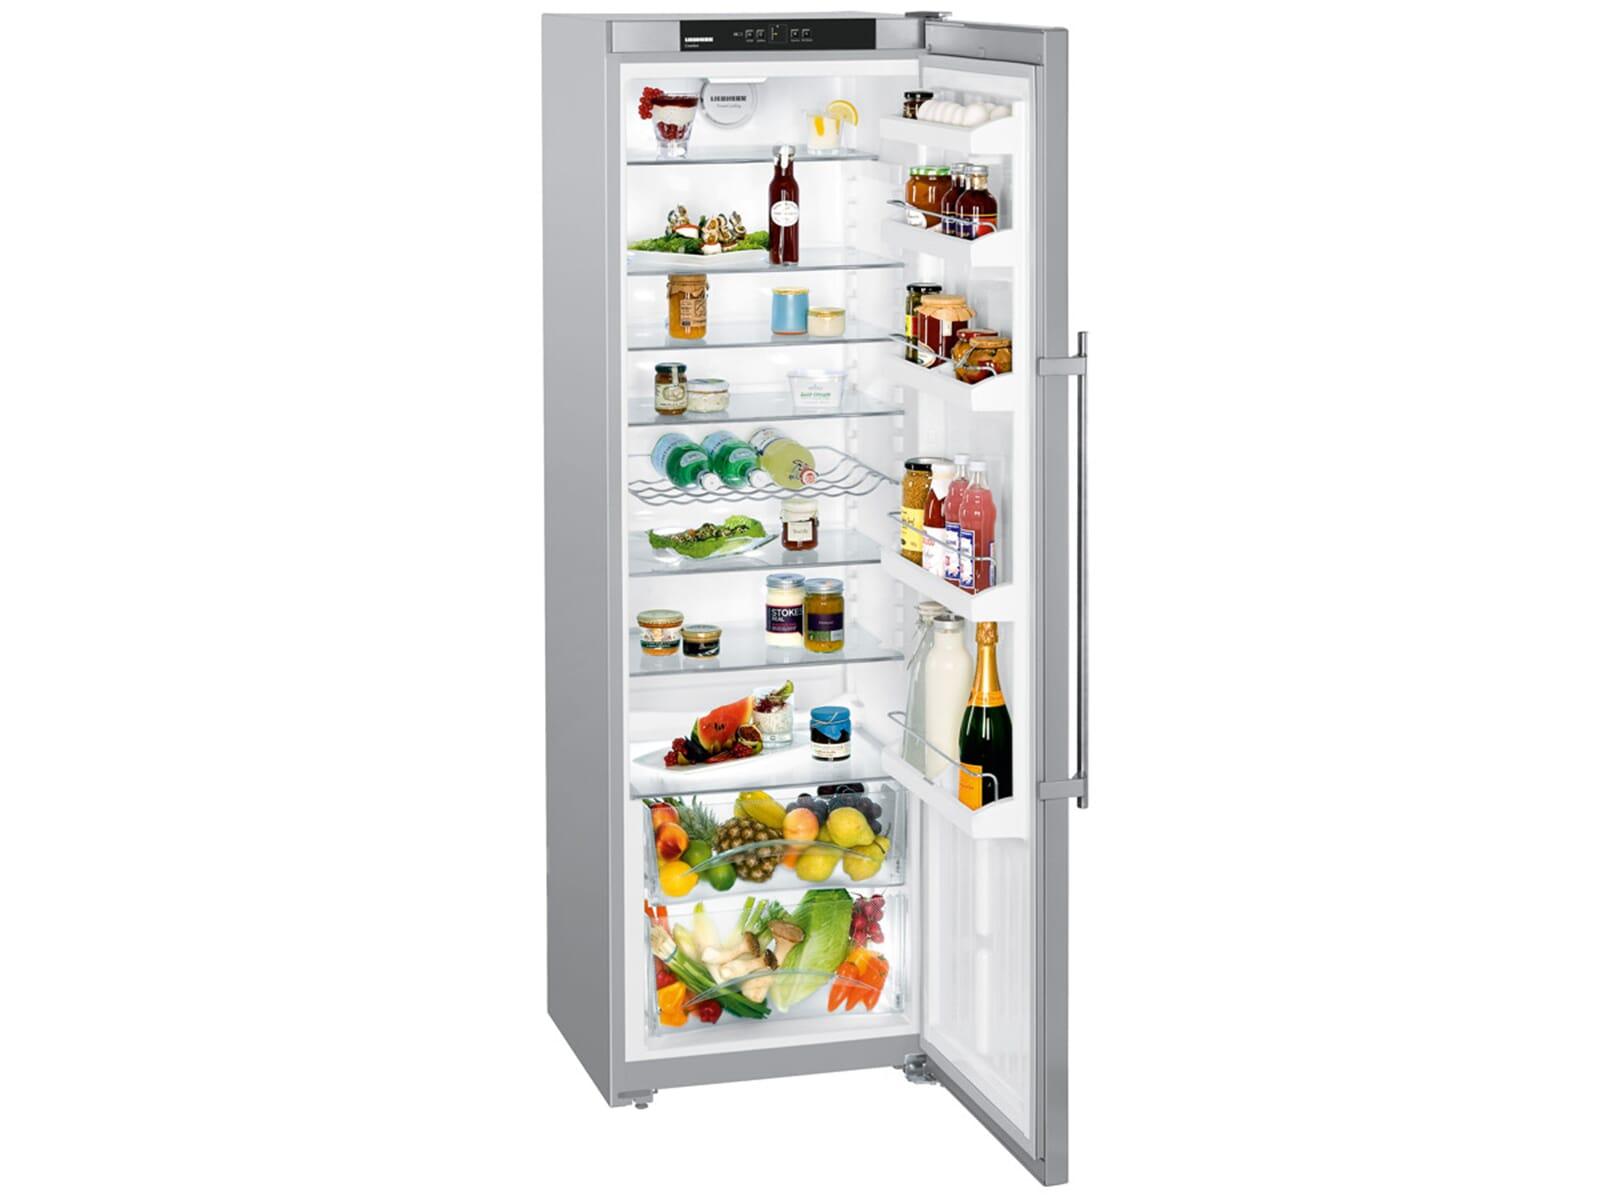 Edelstahl Kühlschrank Liebherr Gebraucht - Ramirez Leanne Blog